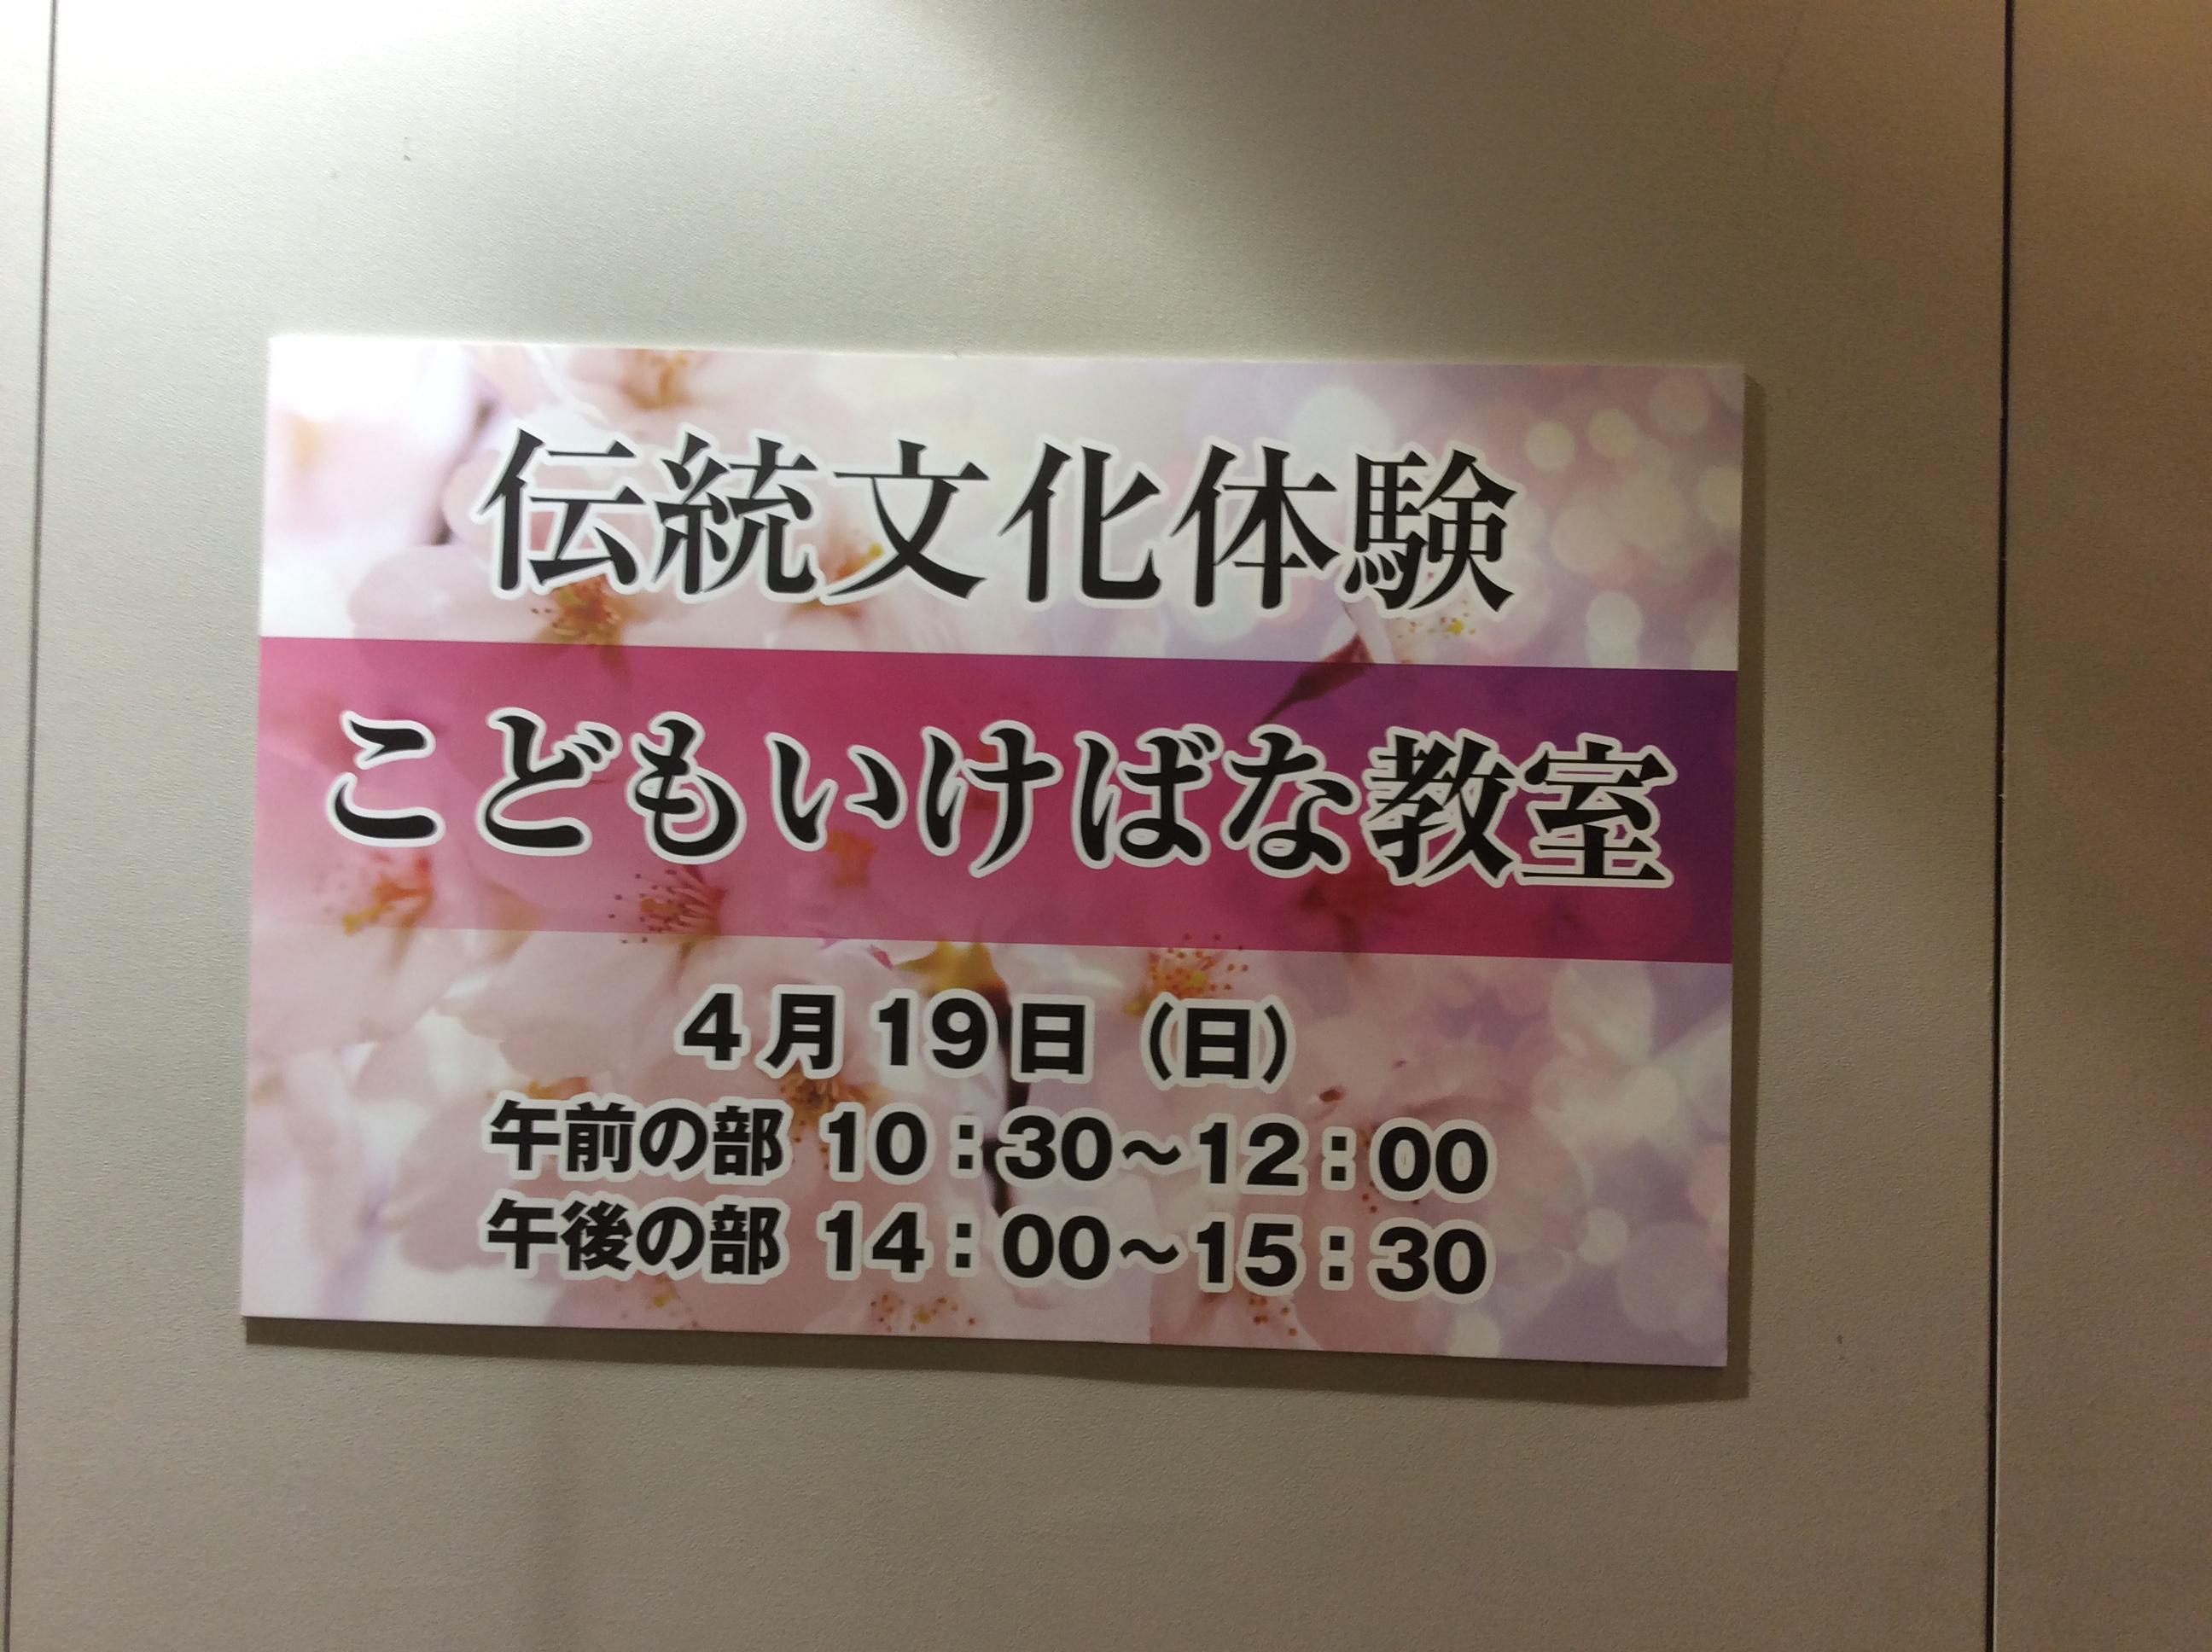 2015年04月 北九州芸術祭